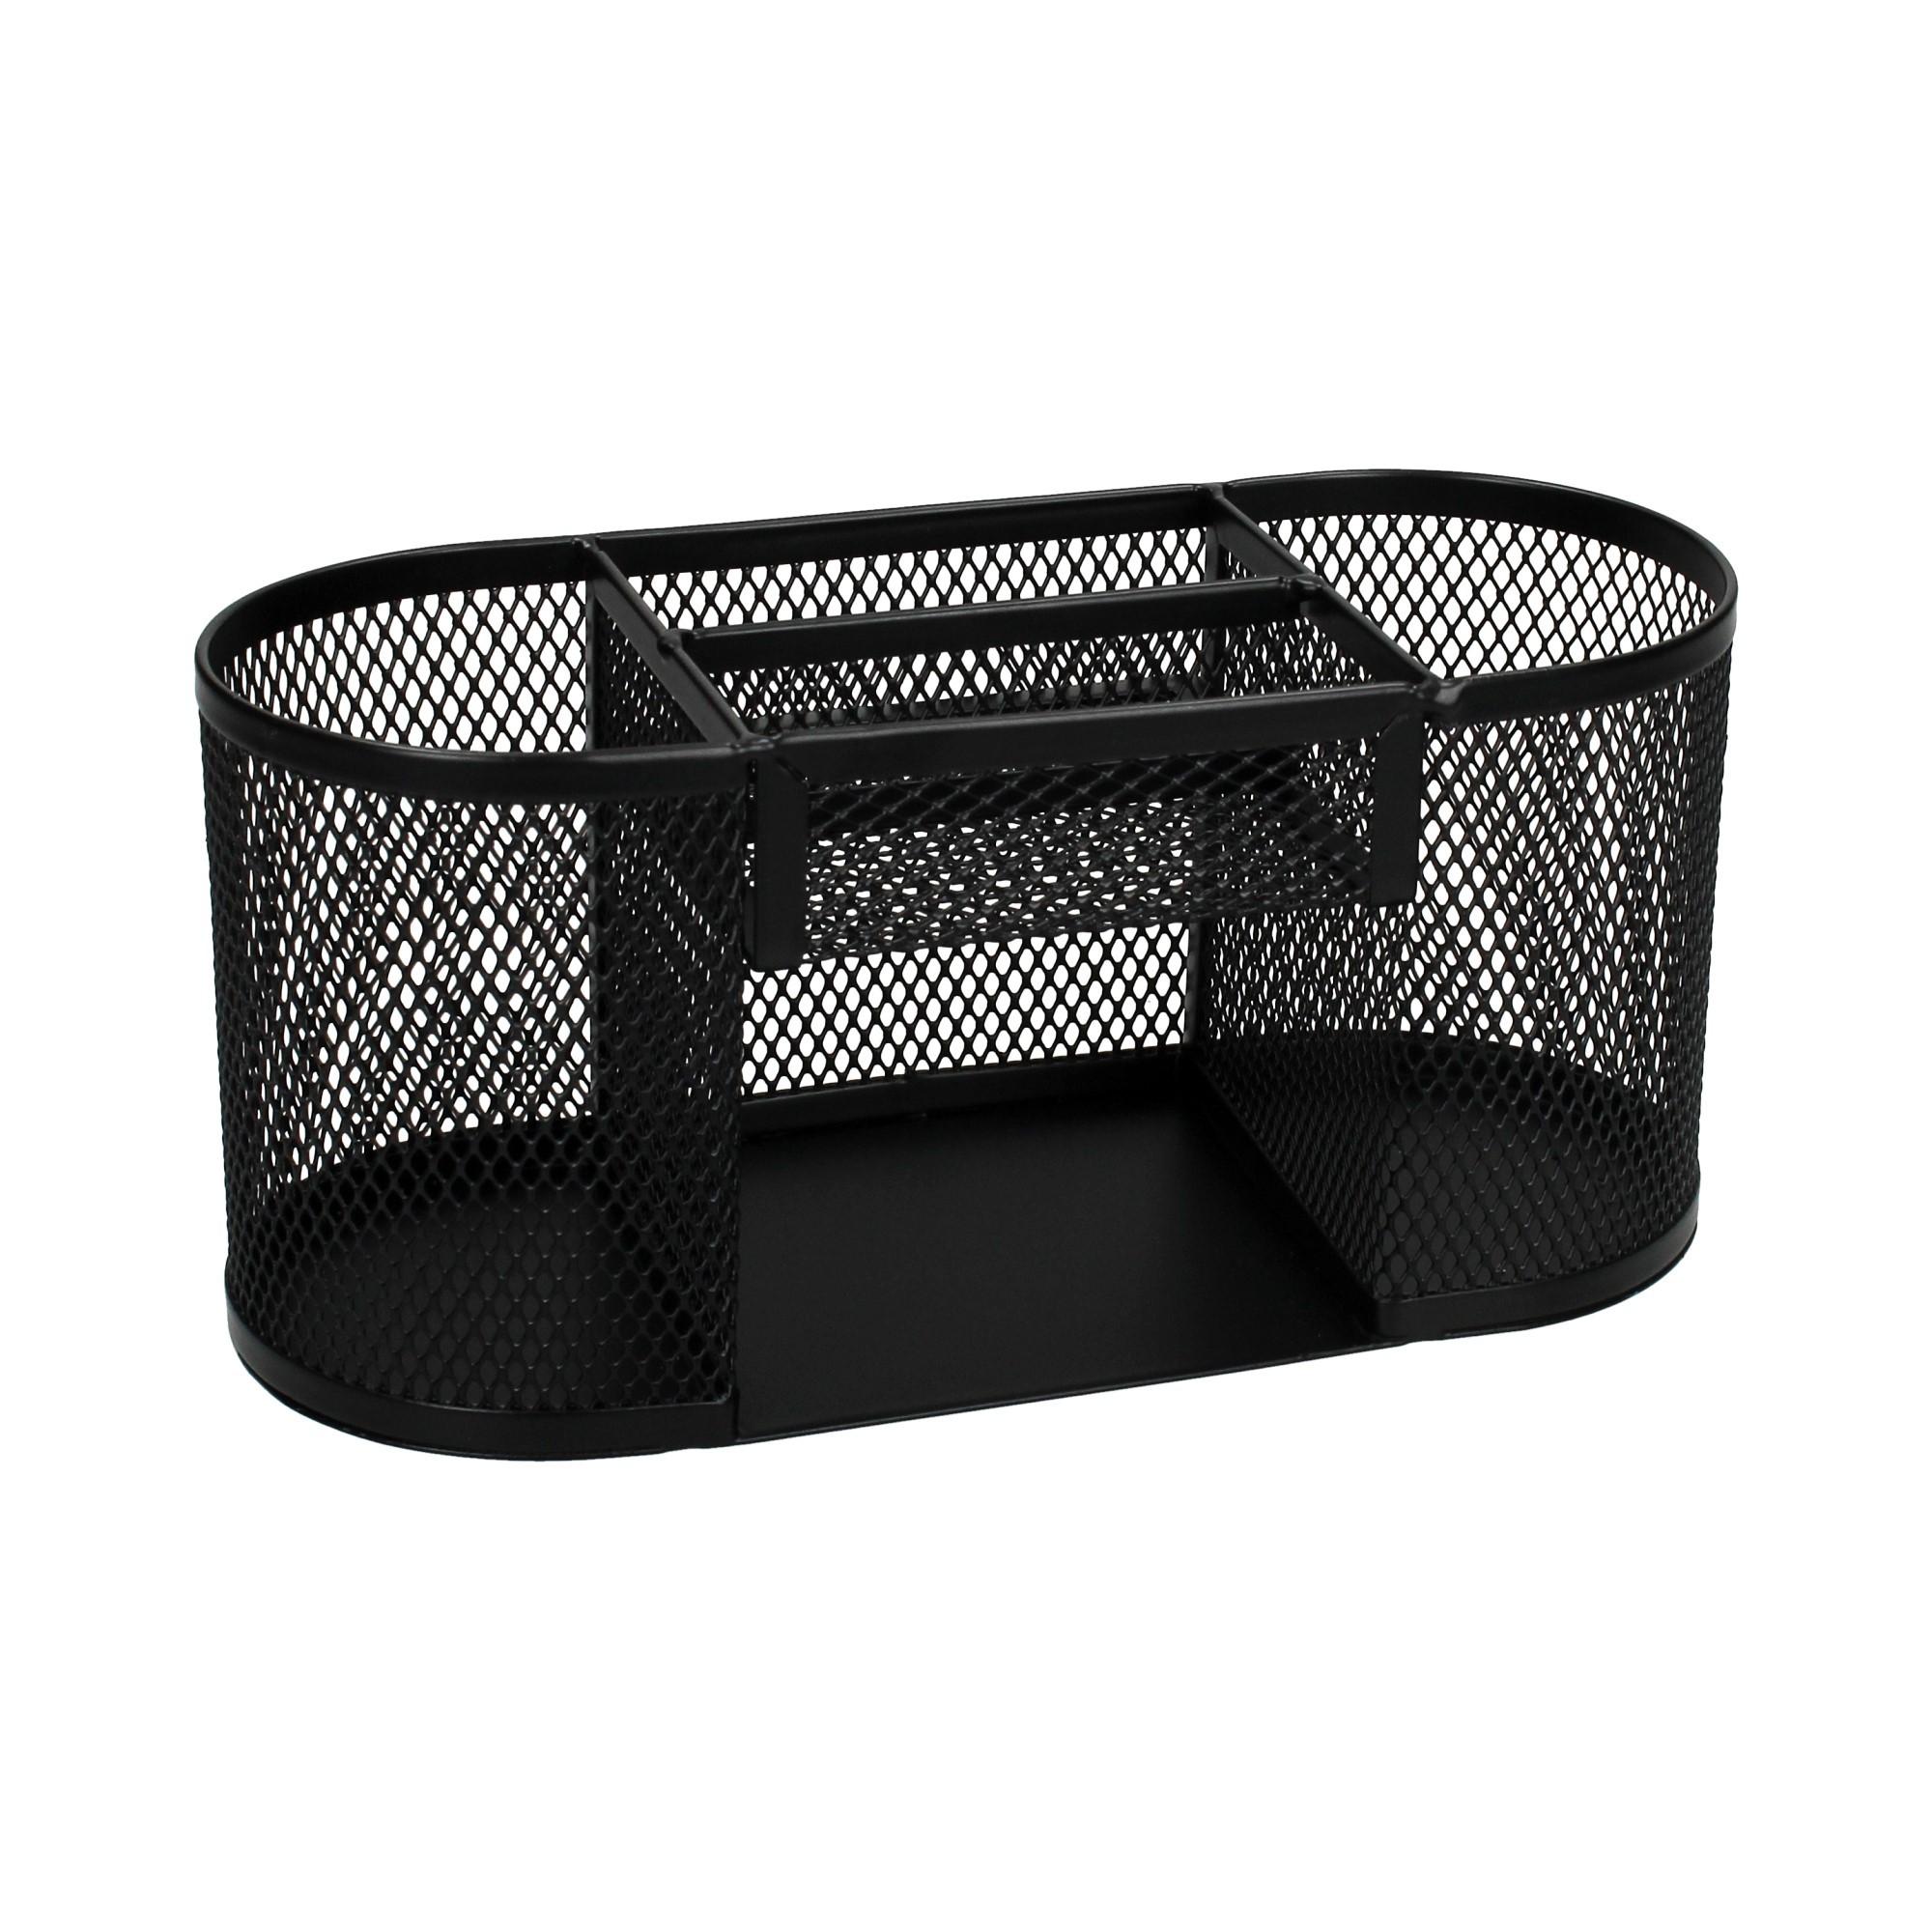 Przybornik na biurko siatka czarny Net Z9087